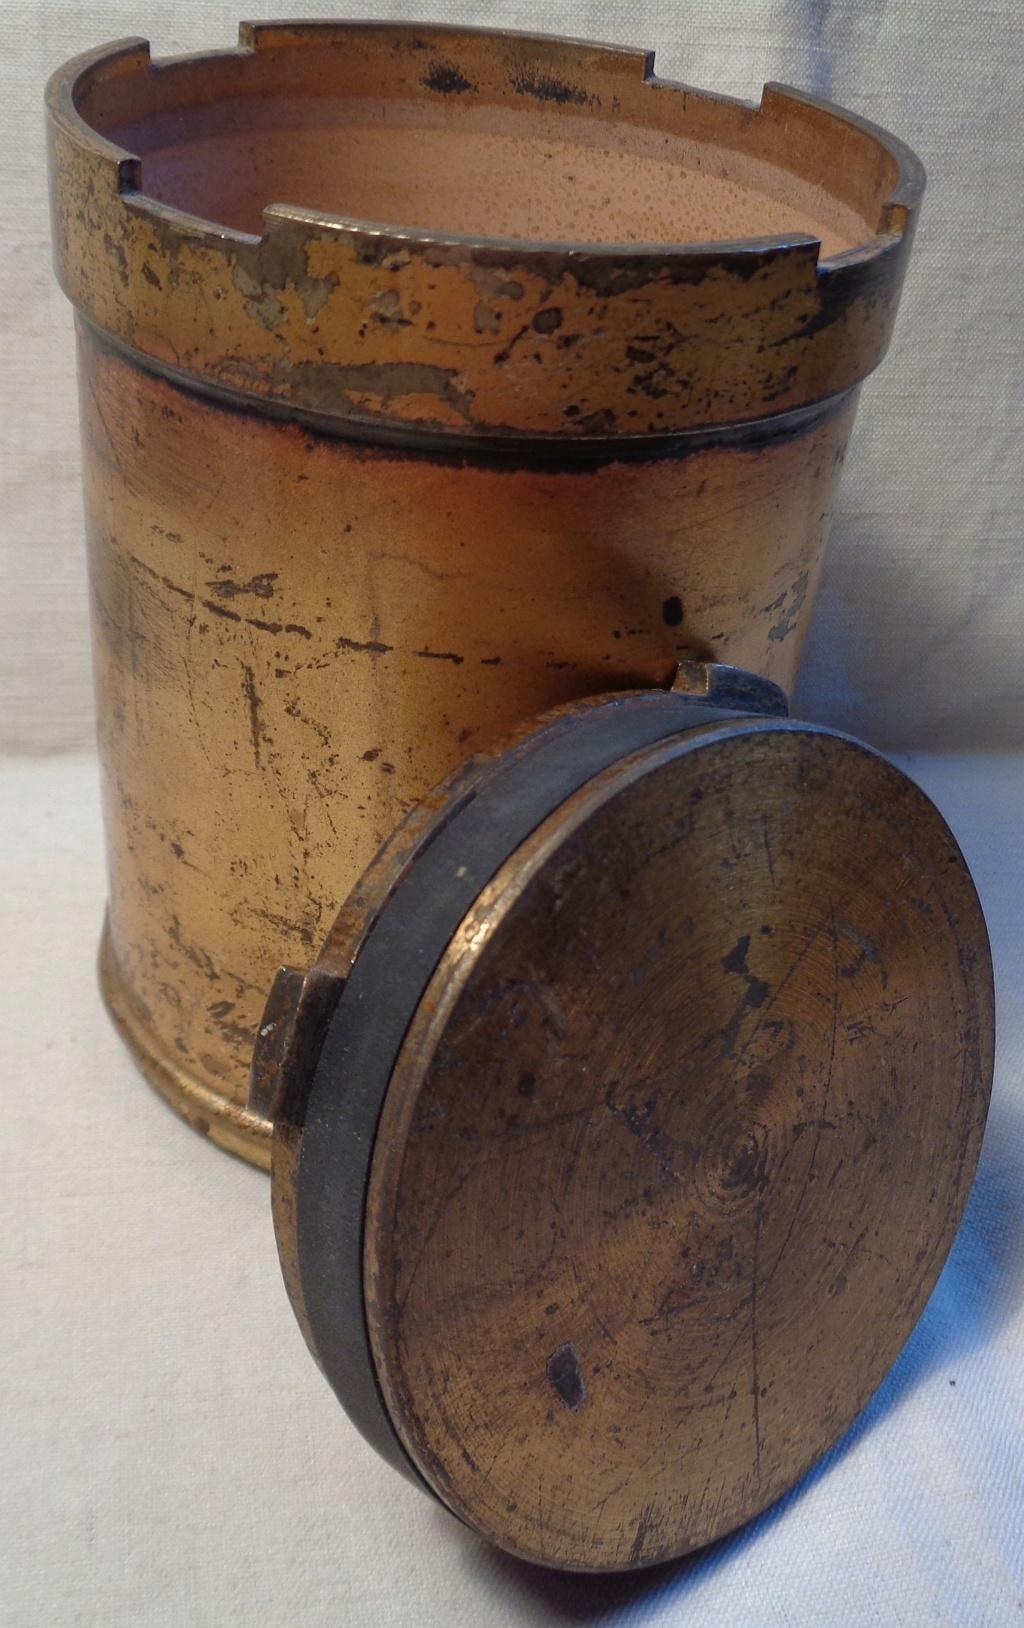 Boite a poudre en laiton ou en bronze datée 1945 ?  Dsc04339